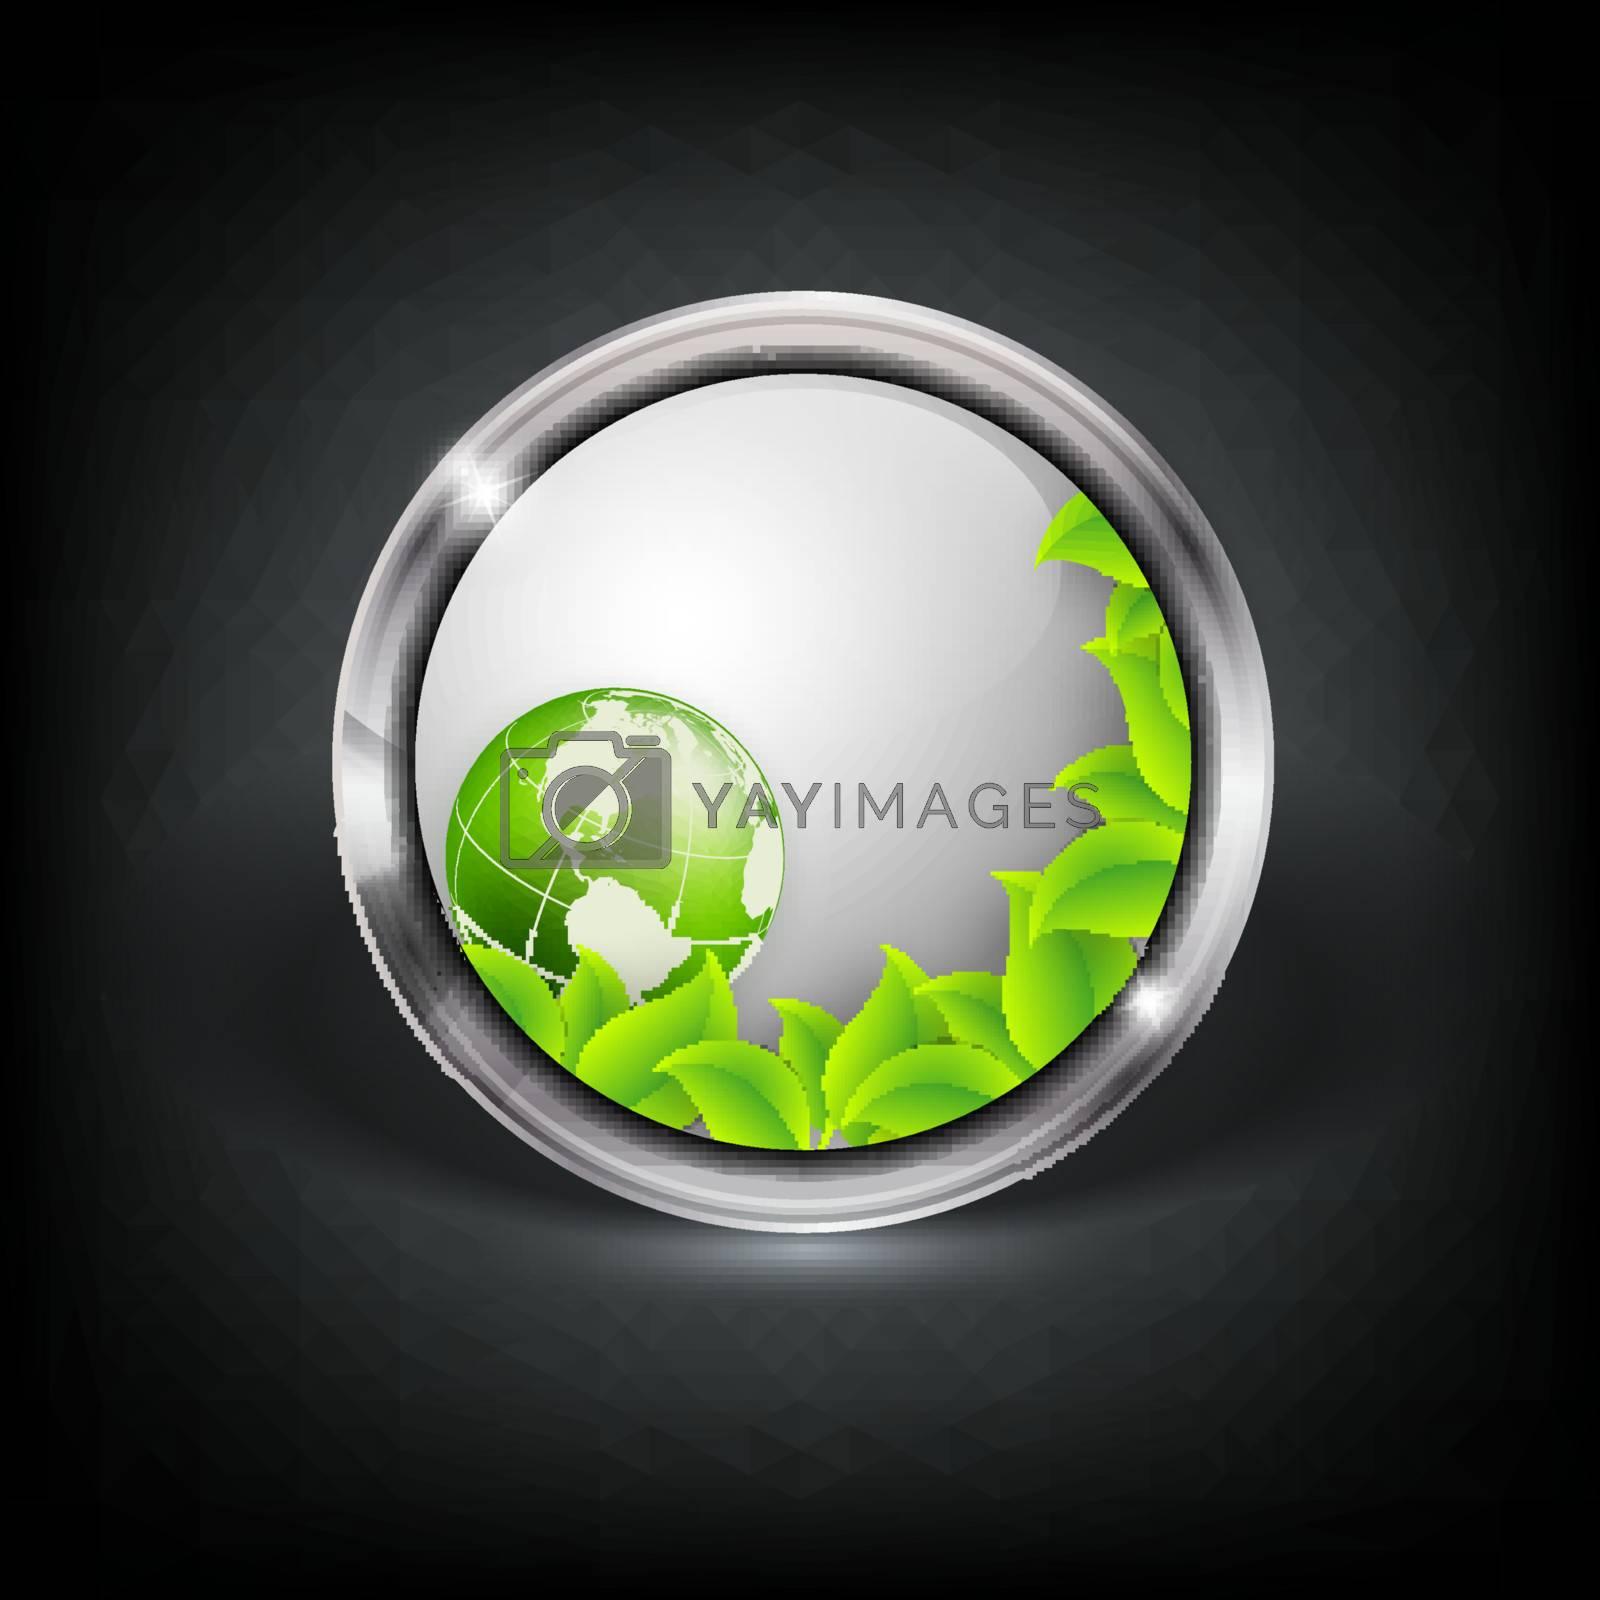 Vector web button with metallic border by marivlada